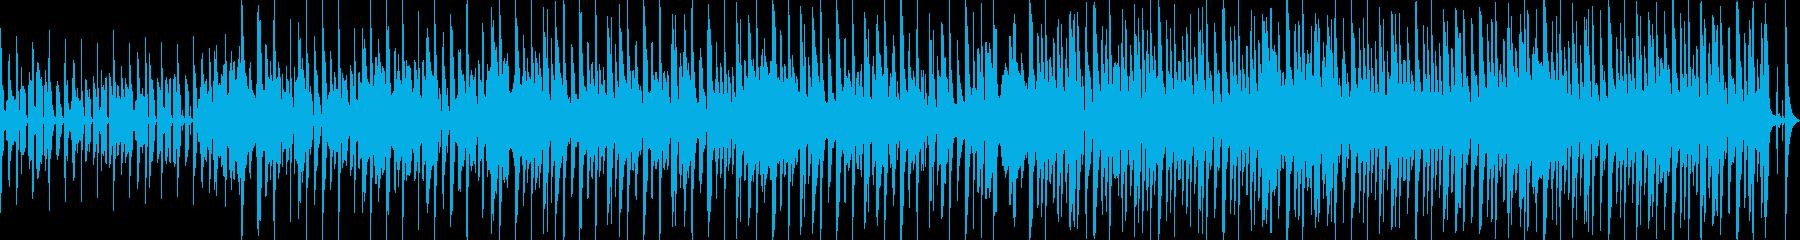 爽やかなエレクトロポップ(ループVer)の再生済みの波形